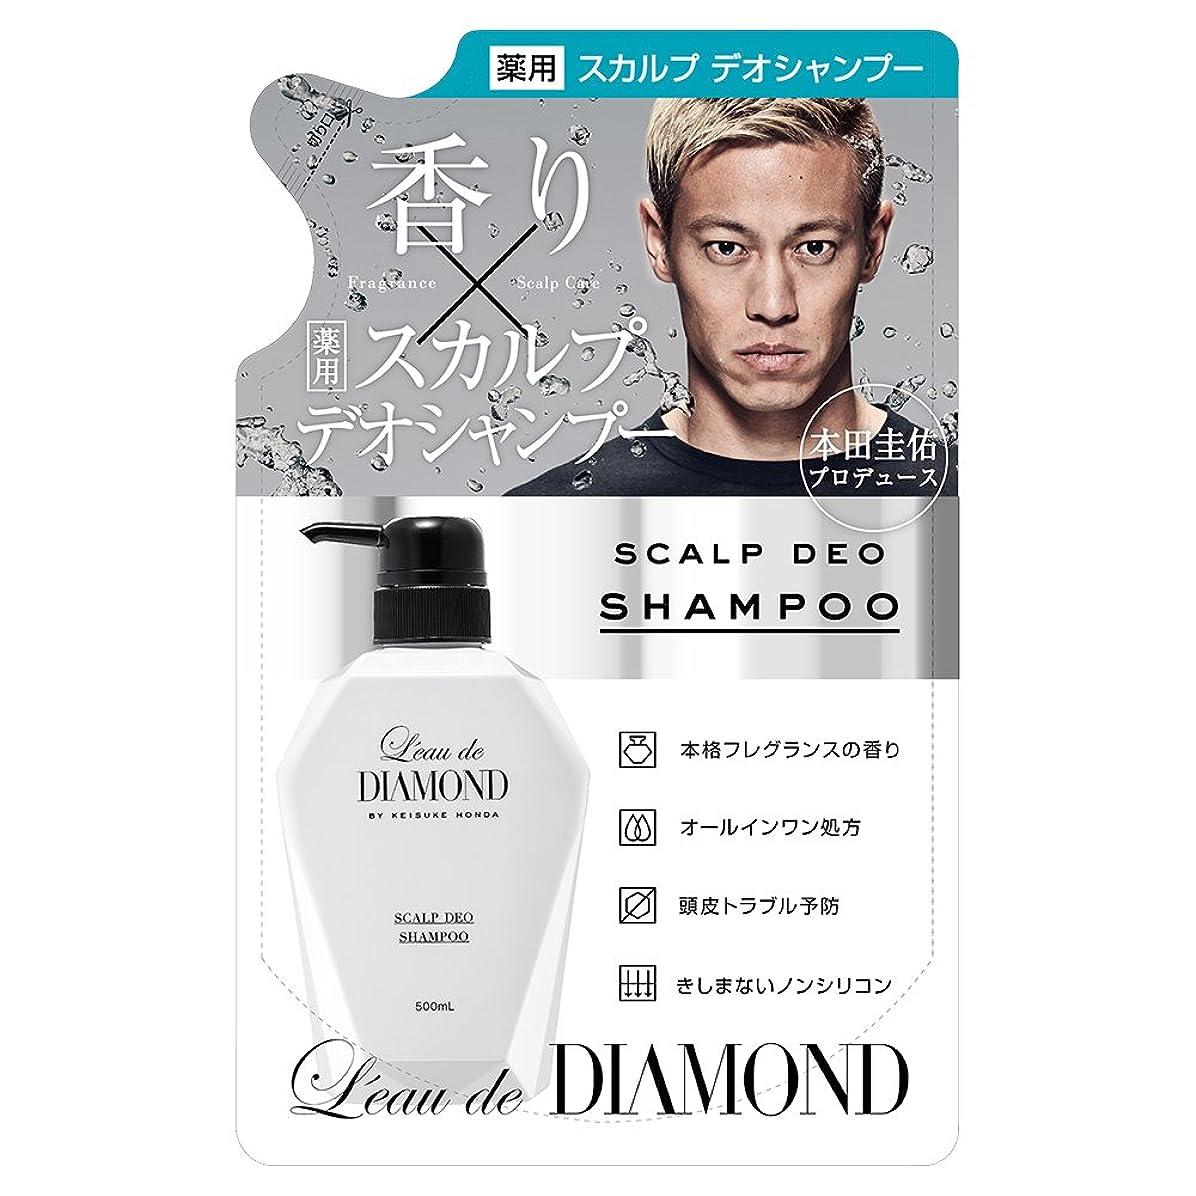 隠す自発的六ロードダイアモンド 薬用スカルプデオシャンプー レフィル 430ml